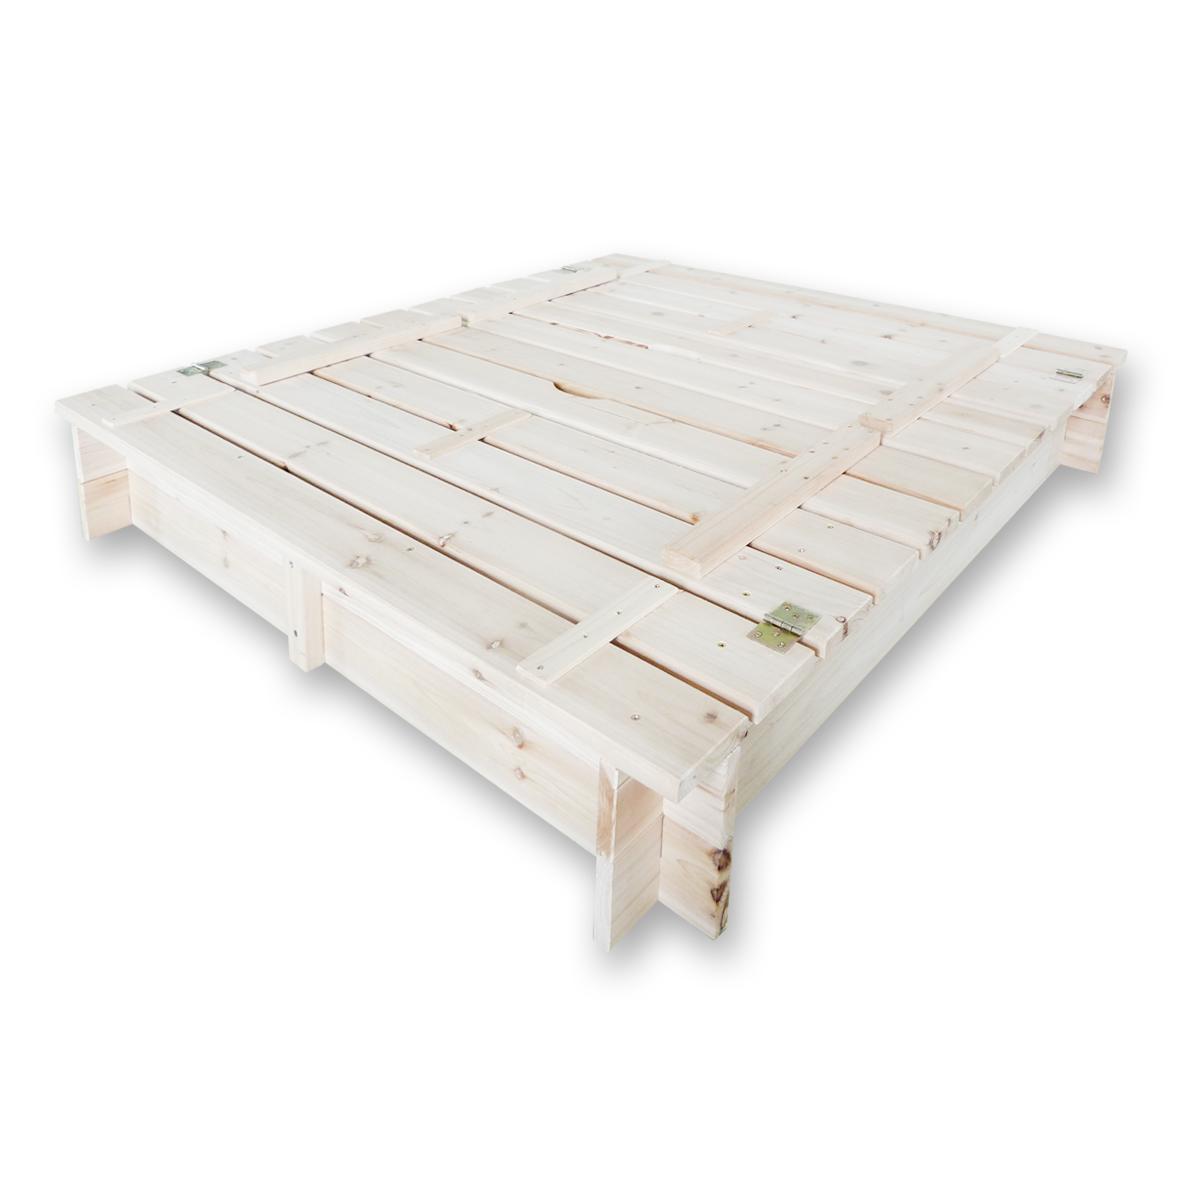 habau 3022 sandkasten mit deckel und bank 120x120x20 cm spielzeug. Black Bedroom Furniture Sets. Home Design Ideas